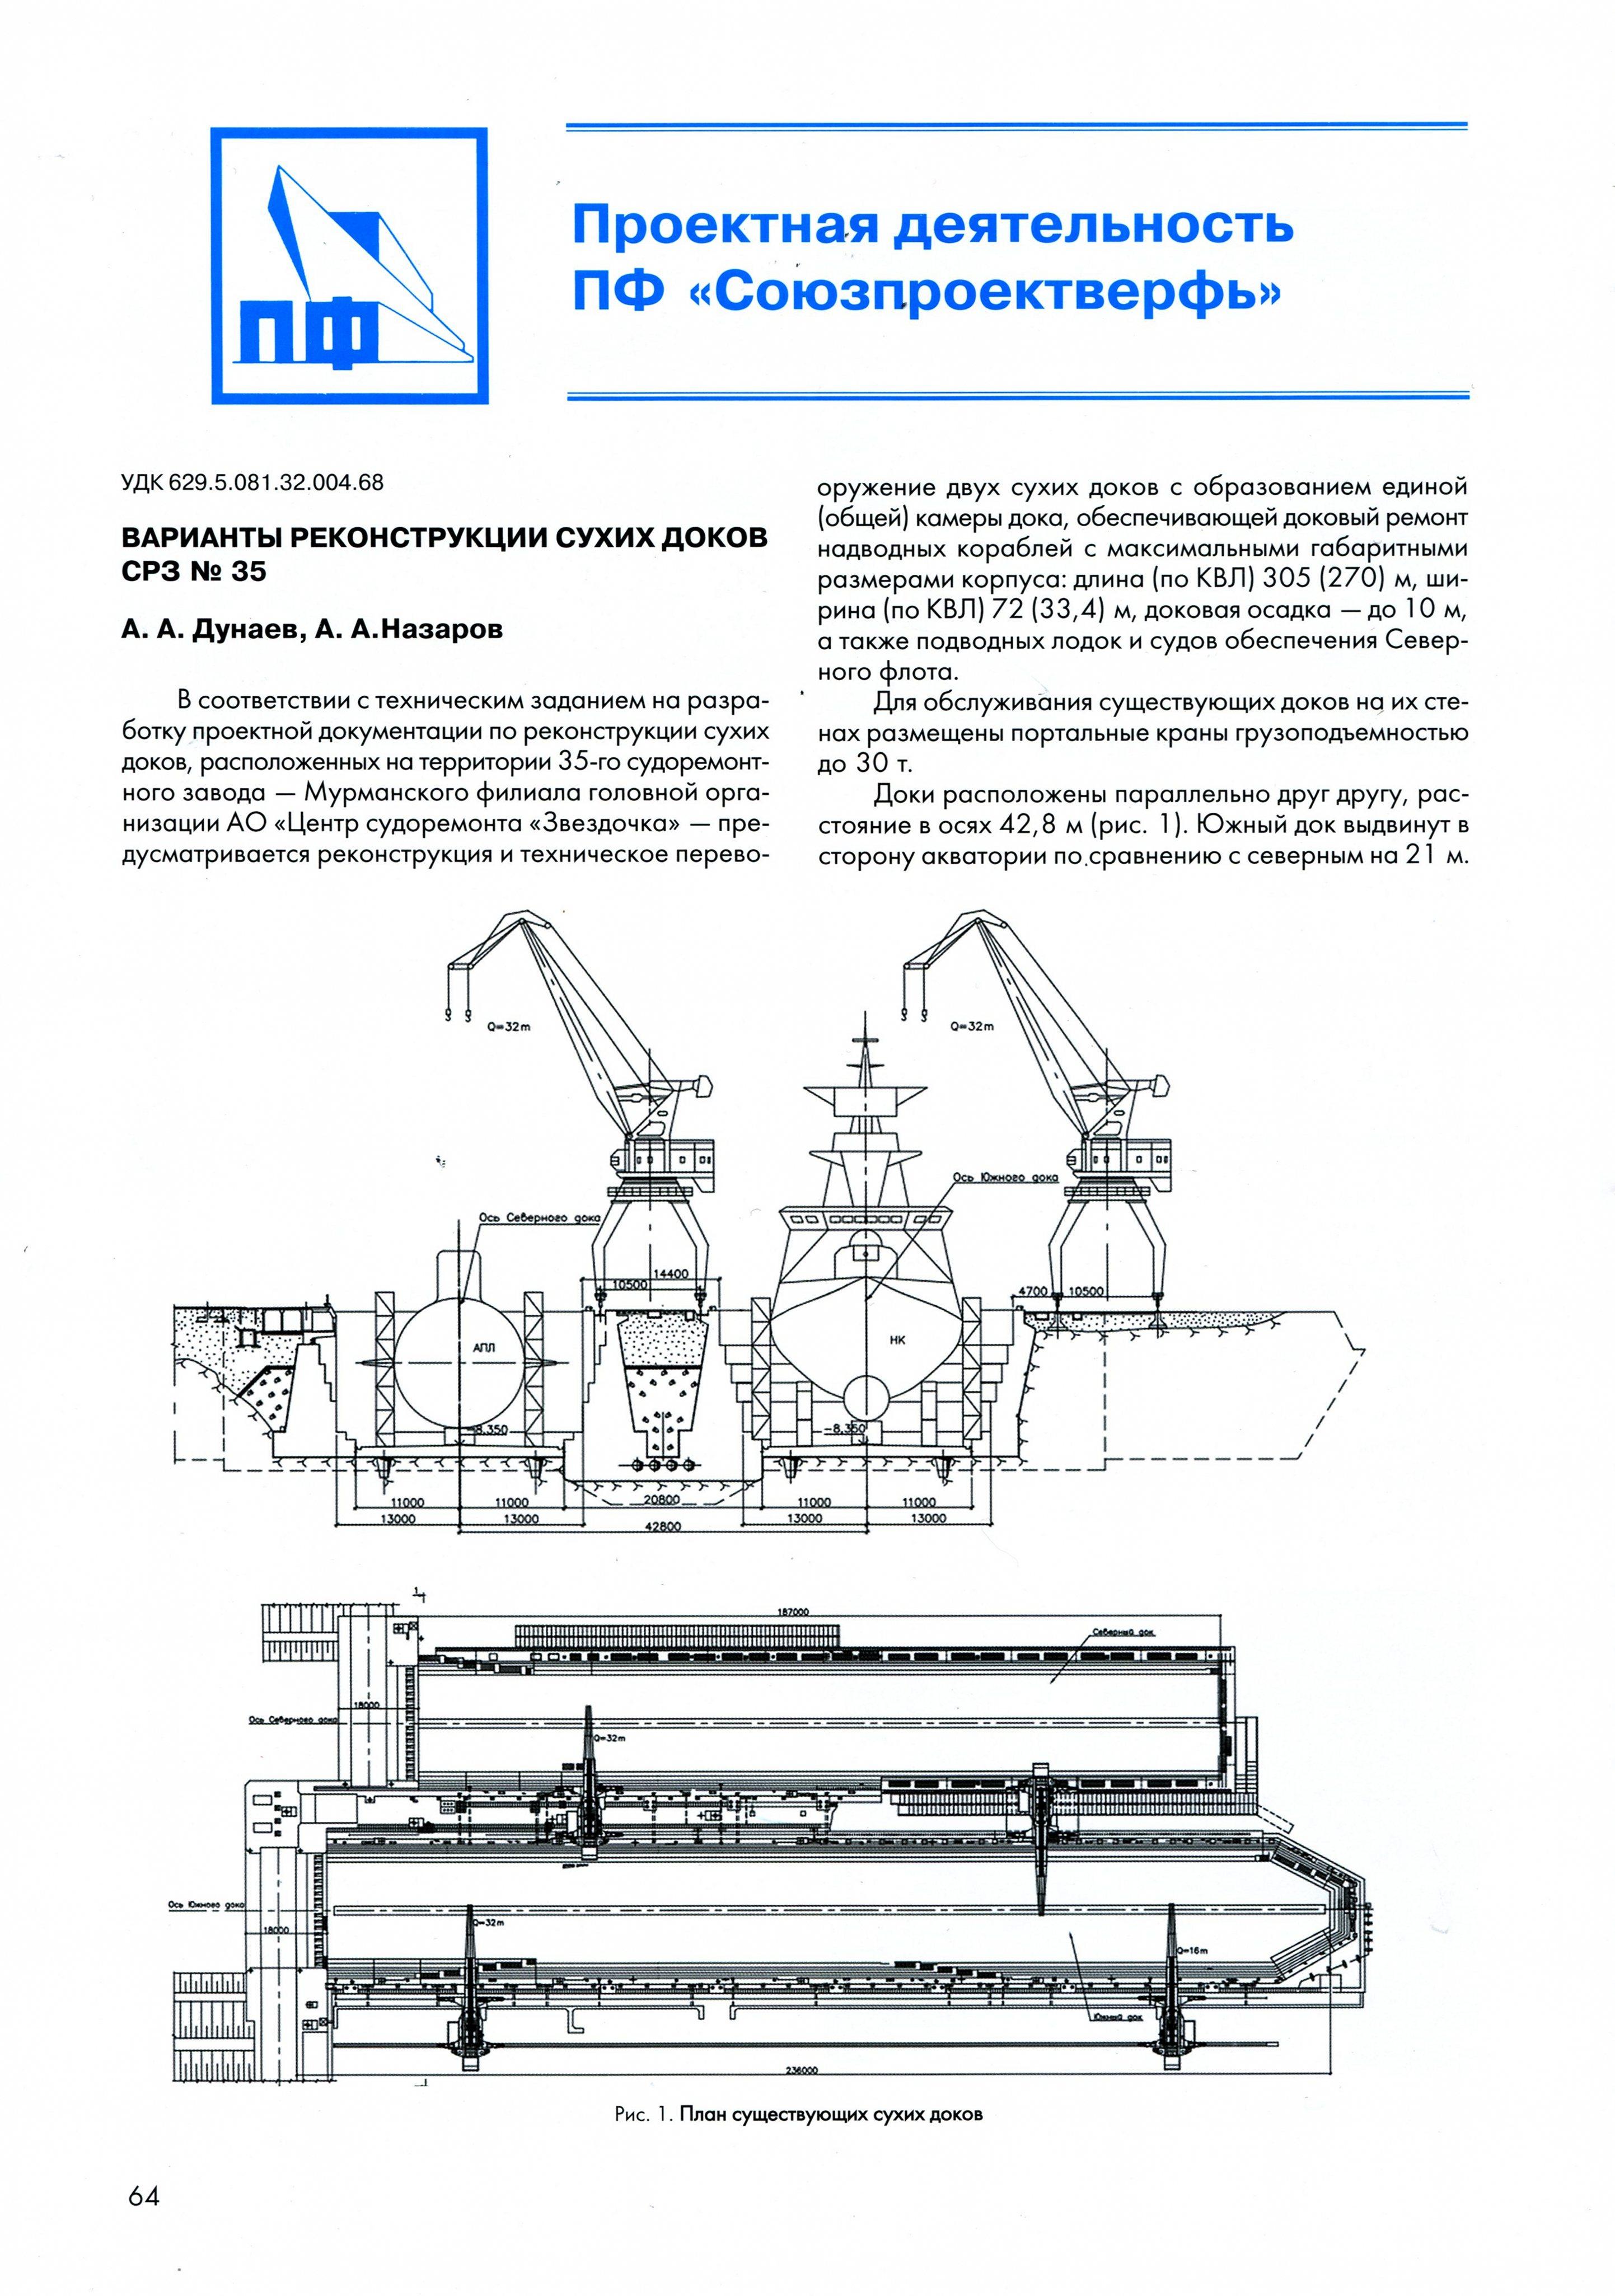 30-4793705-varianty-rekonstruktsii-01